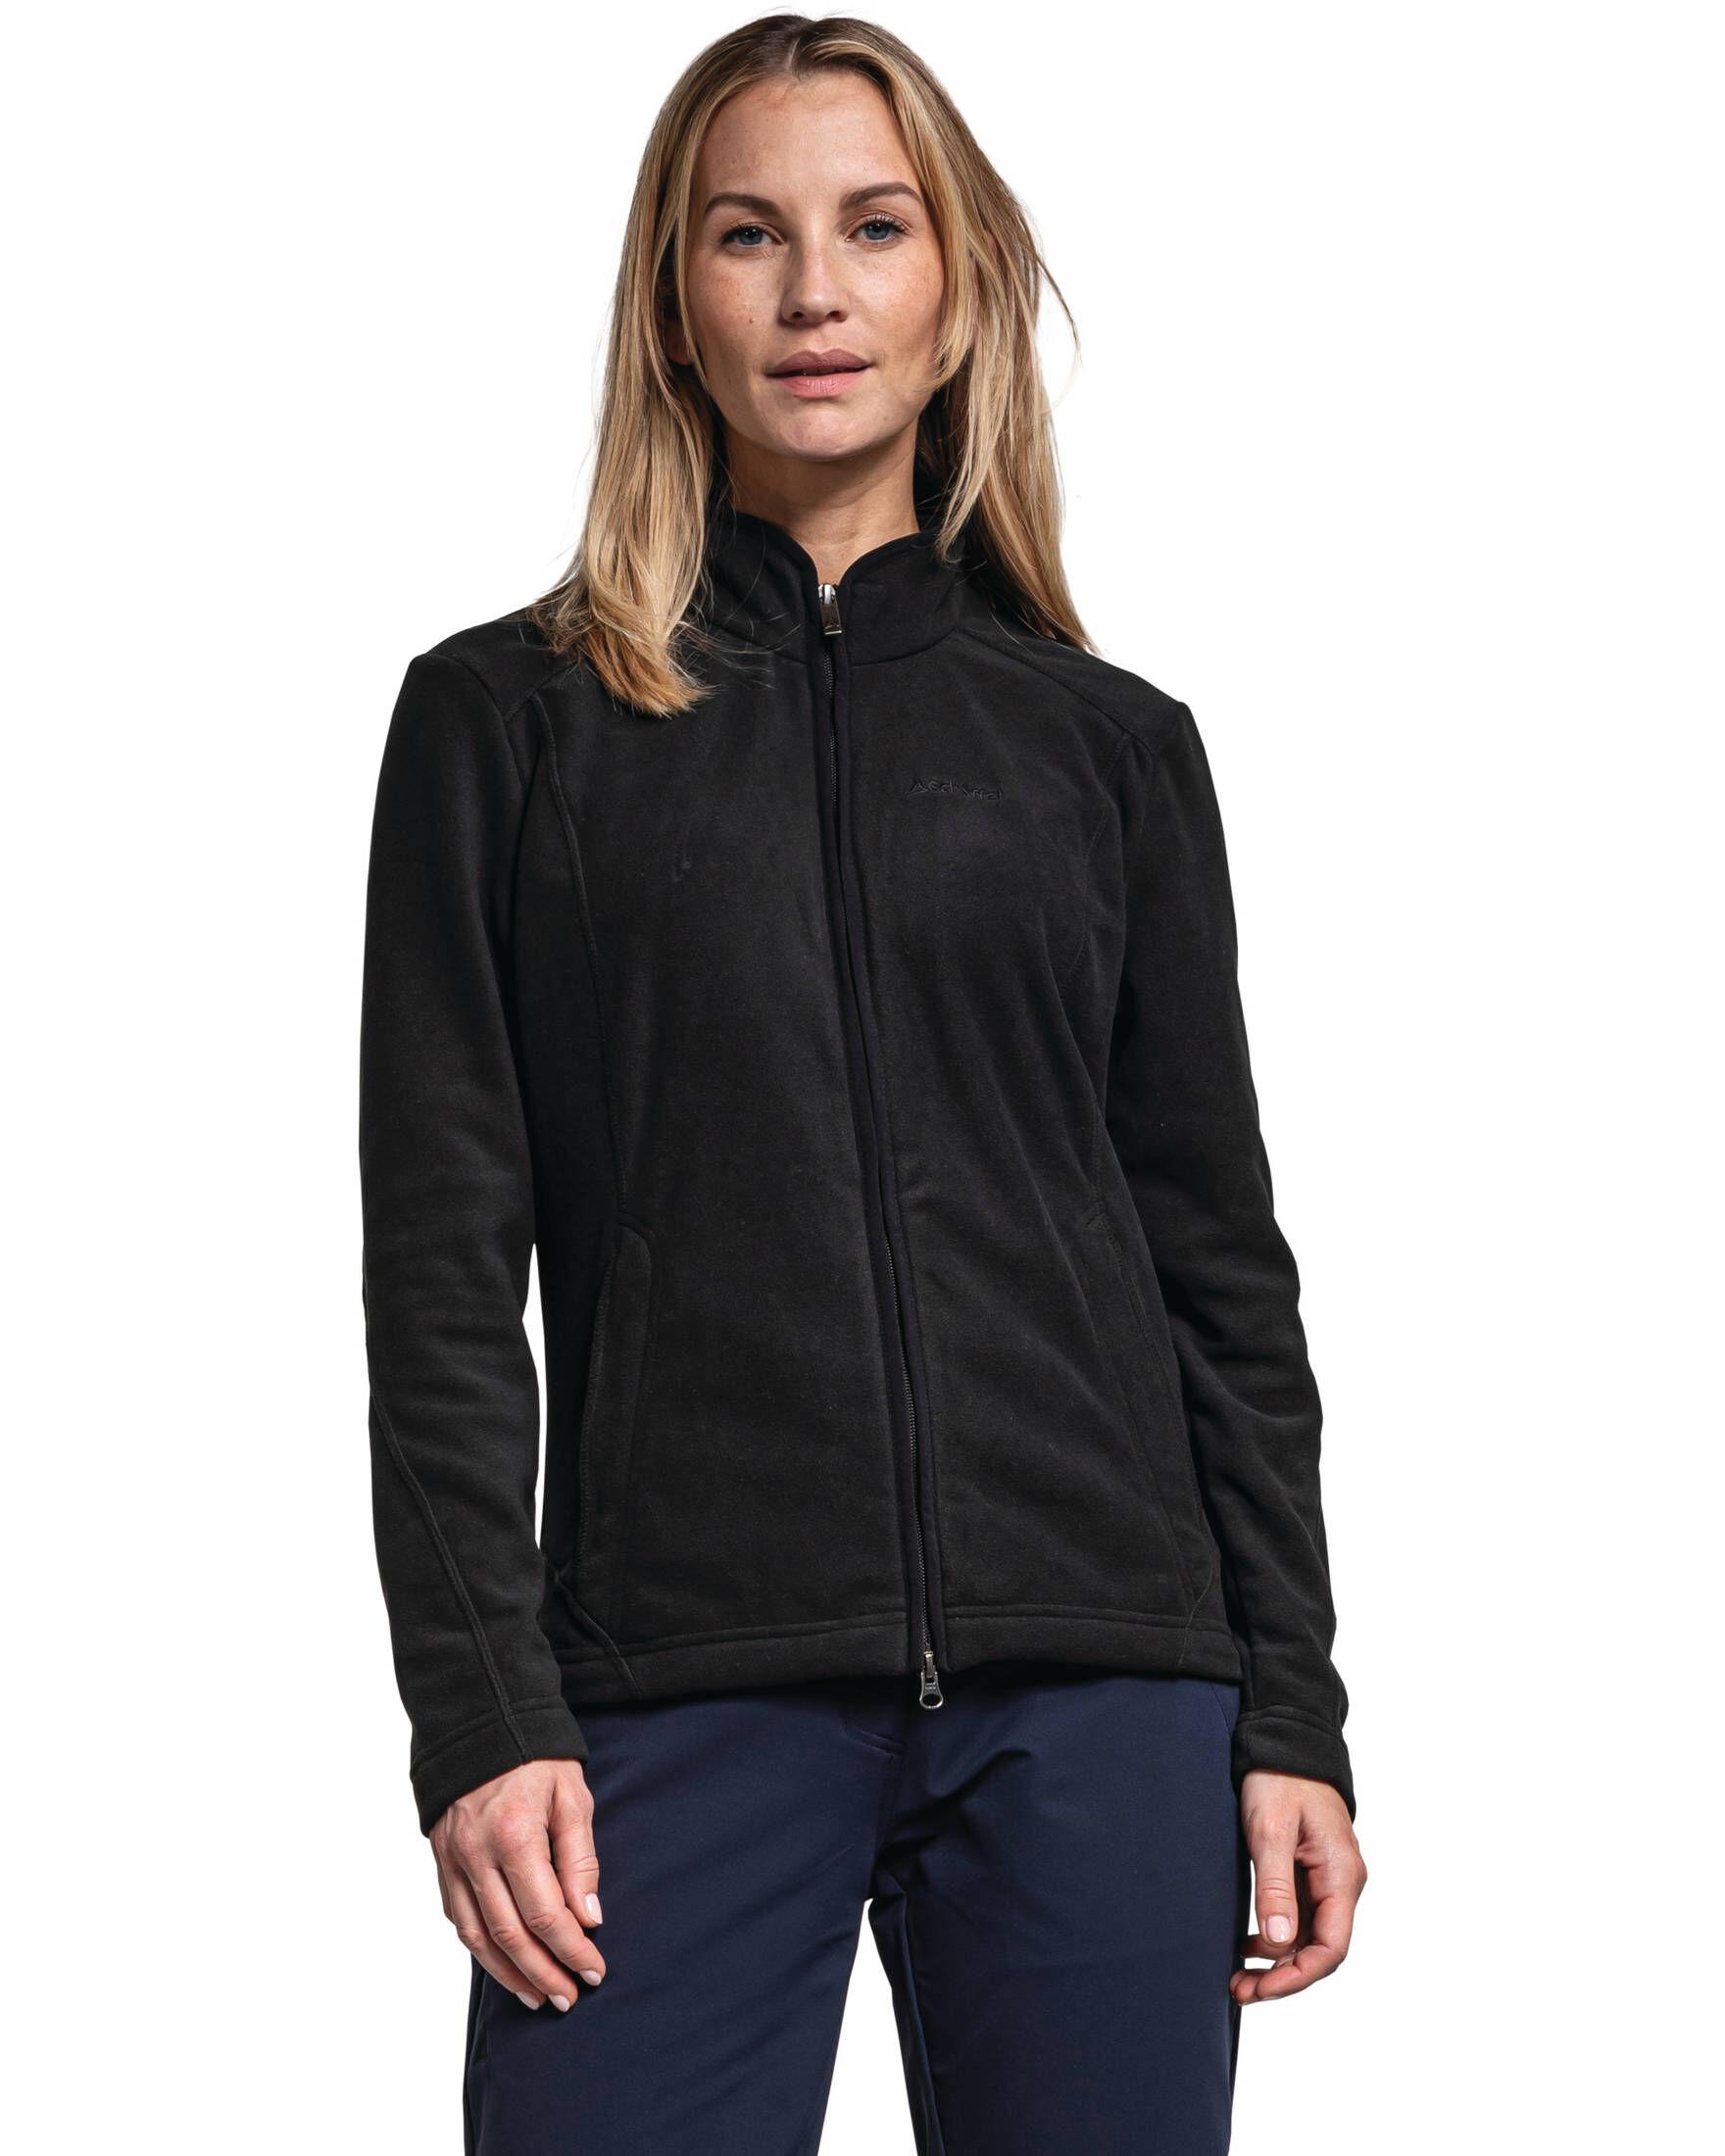 Weiches Und Robustes Fleece Jacke Mit Hoher Atmungsaktivit/ät Outdoor Fleecejacke F/ür Damen Veste Polaire Femme Sch/öffel Jacket Leona2